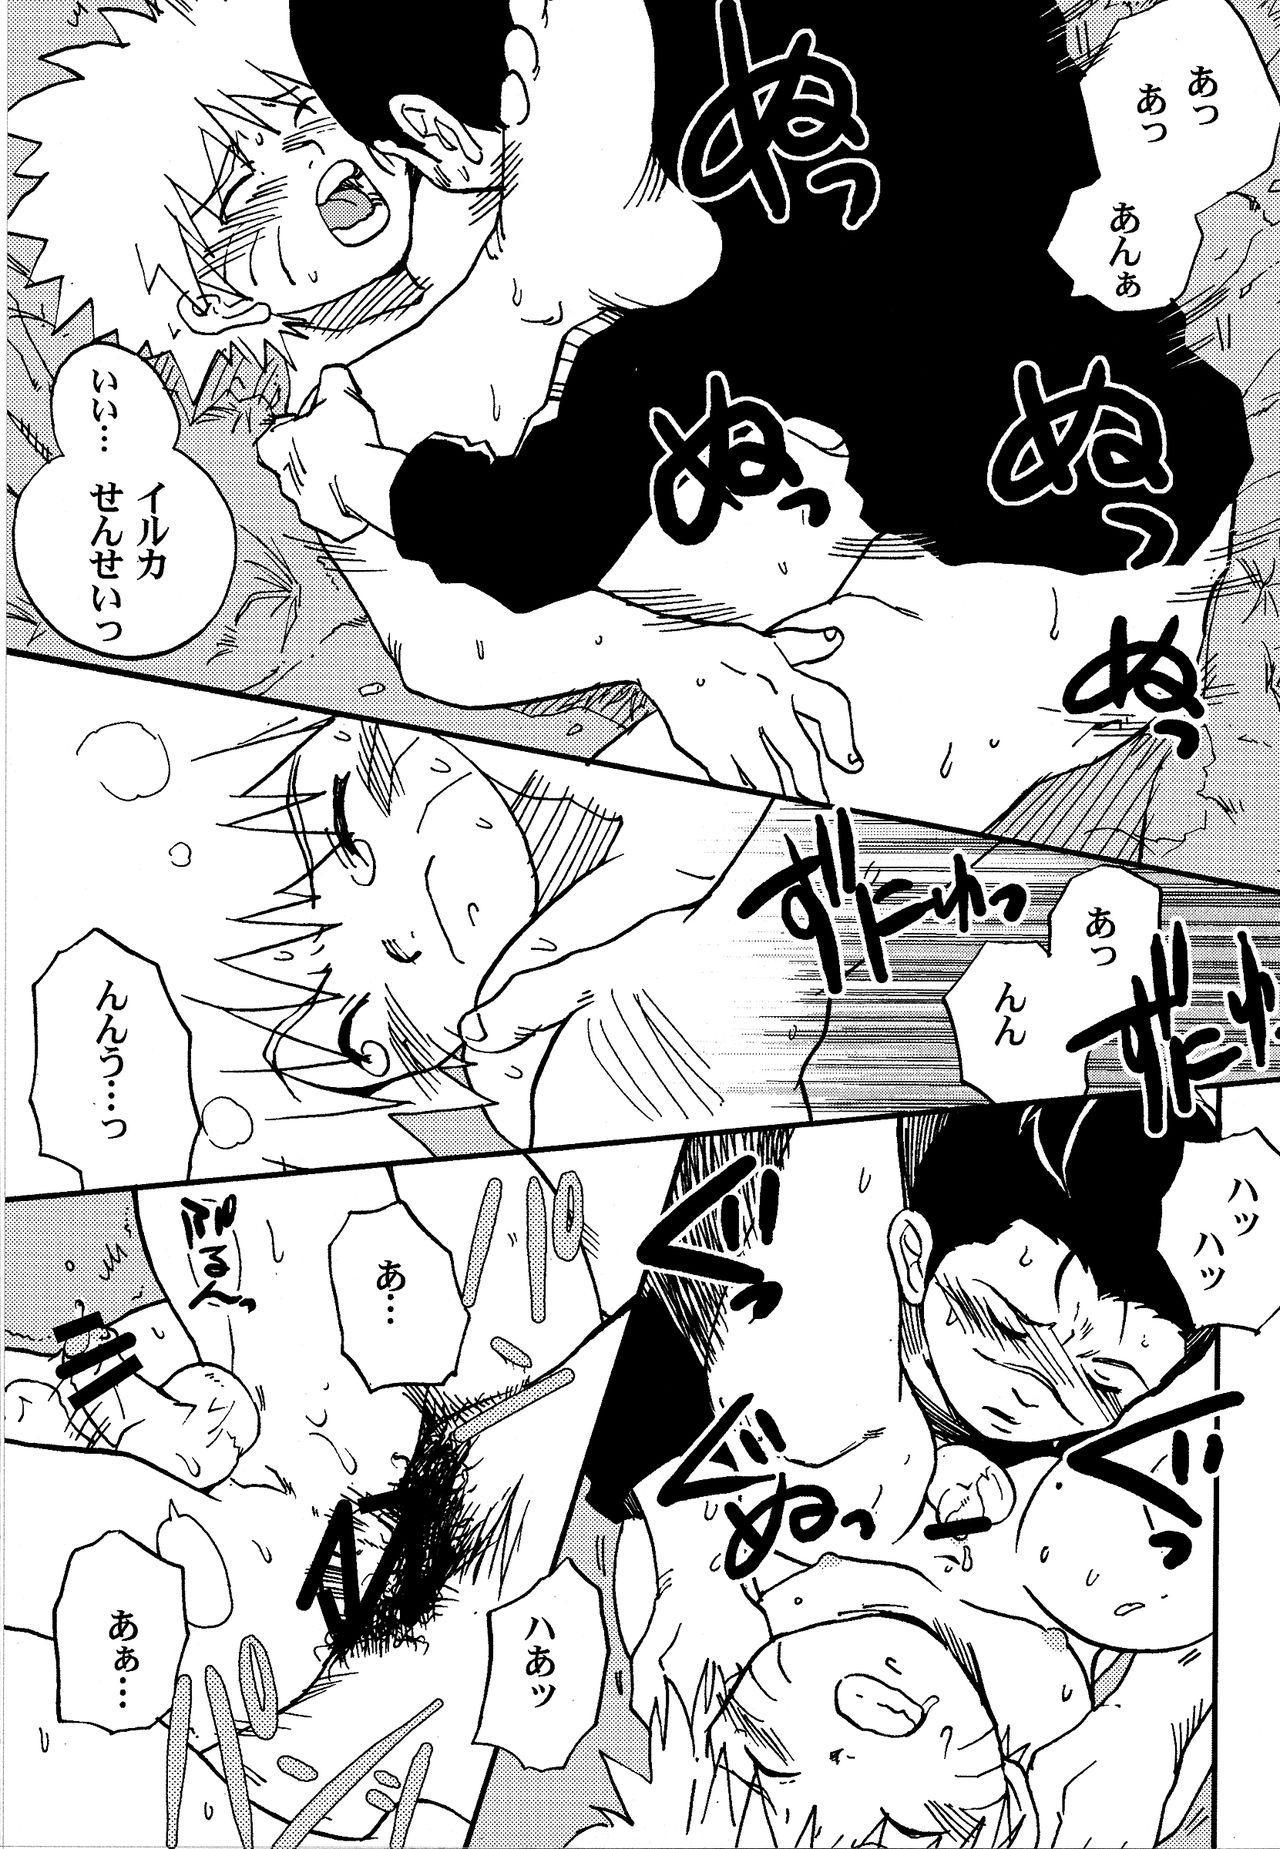 IruNaru no Wadachi 39